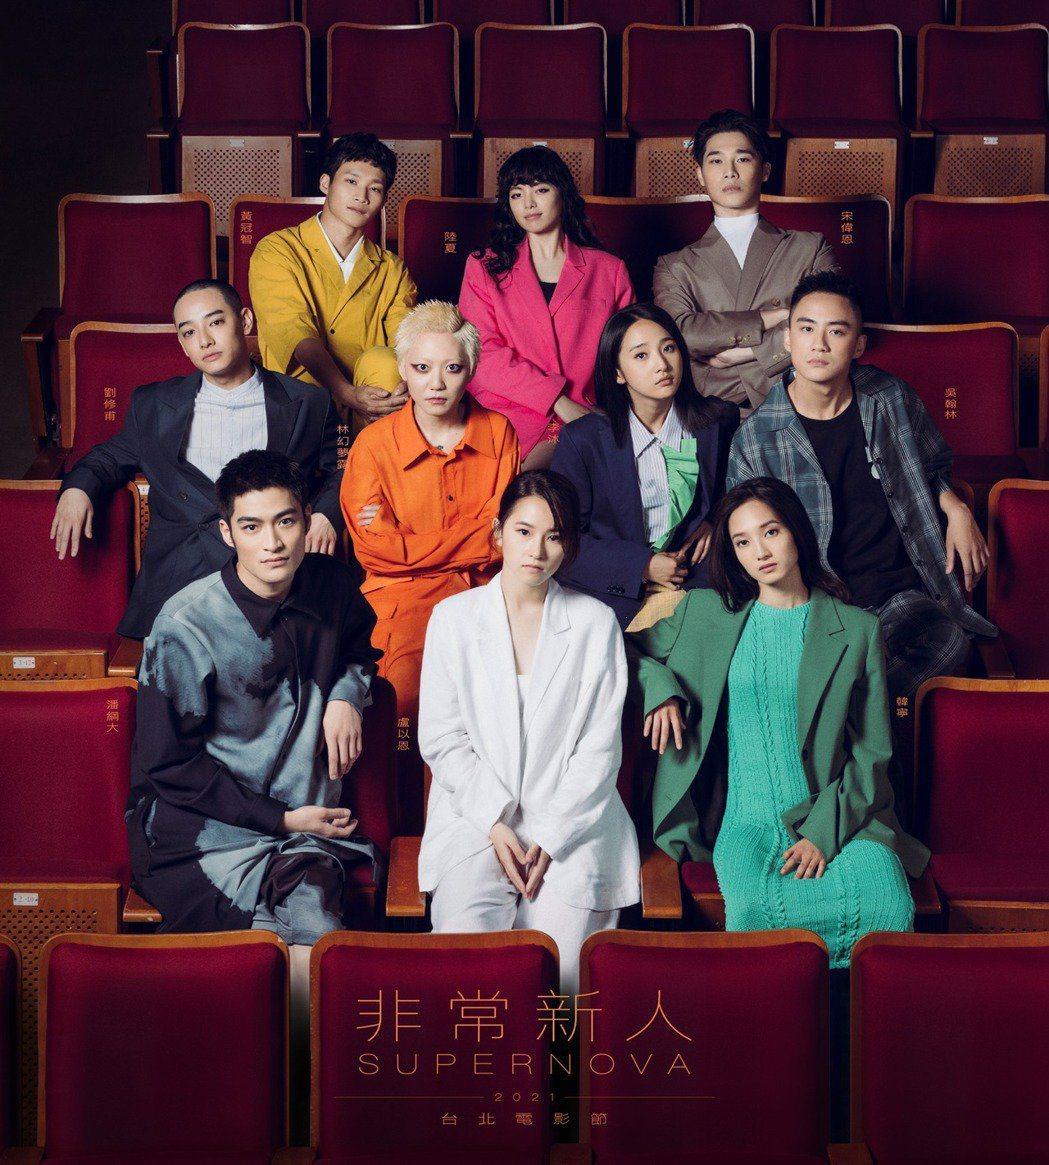 本屆台北電影節非常新人。 圖/台北電影節提供